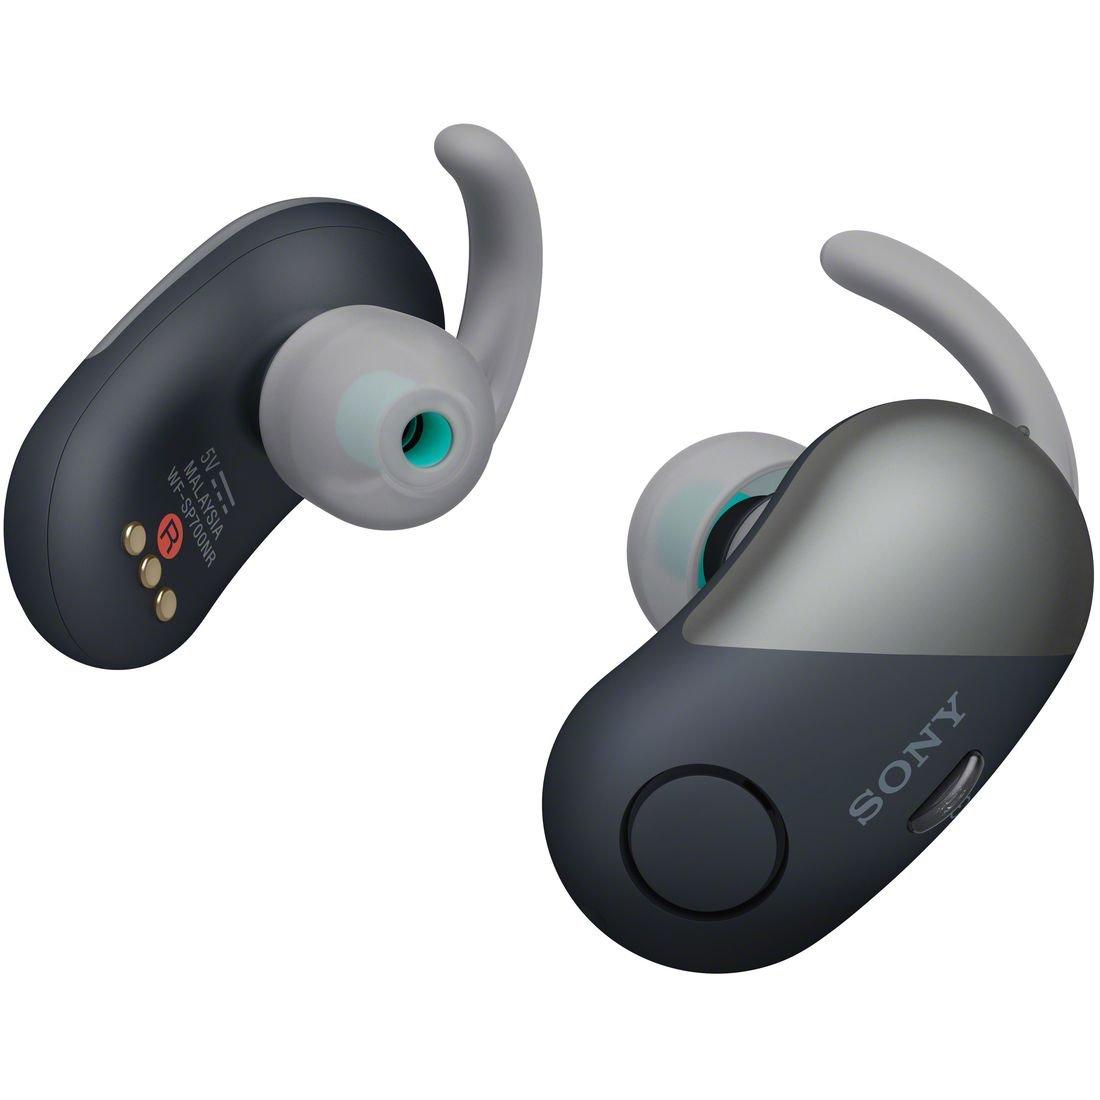 ソニー SONY 完全ワイヤレスノイズキャンセリングイヤホン WF-SP700N